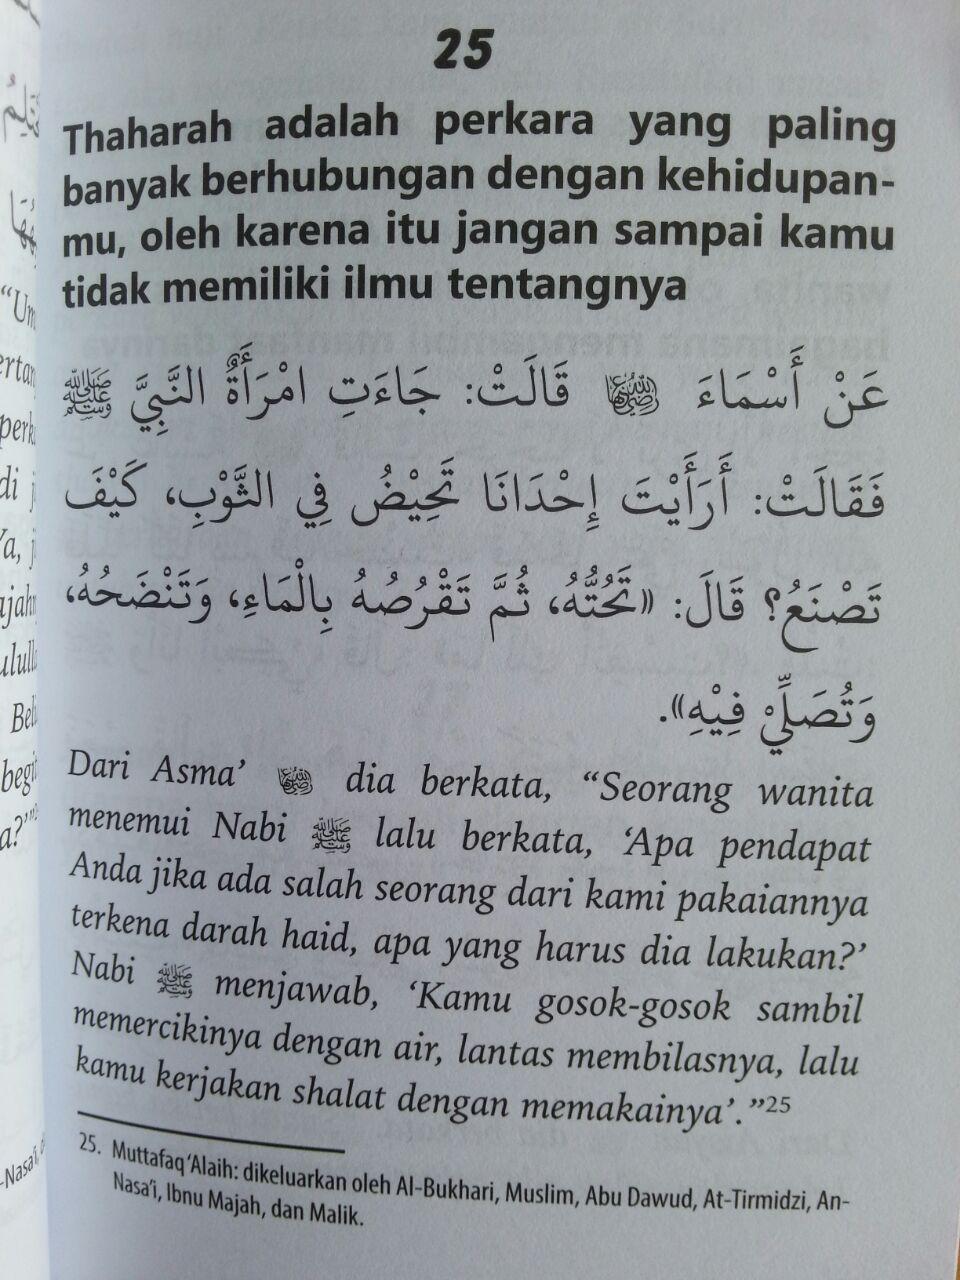 Buku Umdatul Mar'ah 100 Hadits Landasan Hukum Bagi Wanita isi 3